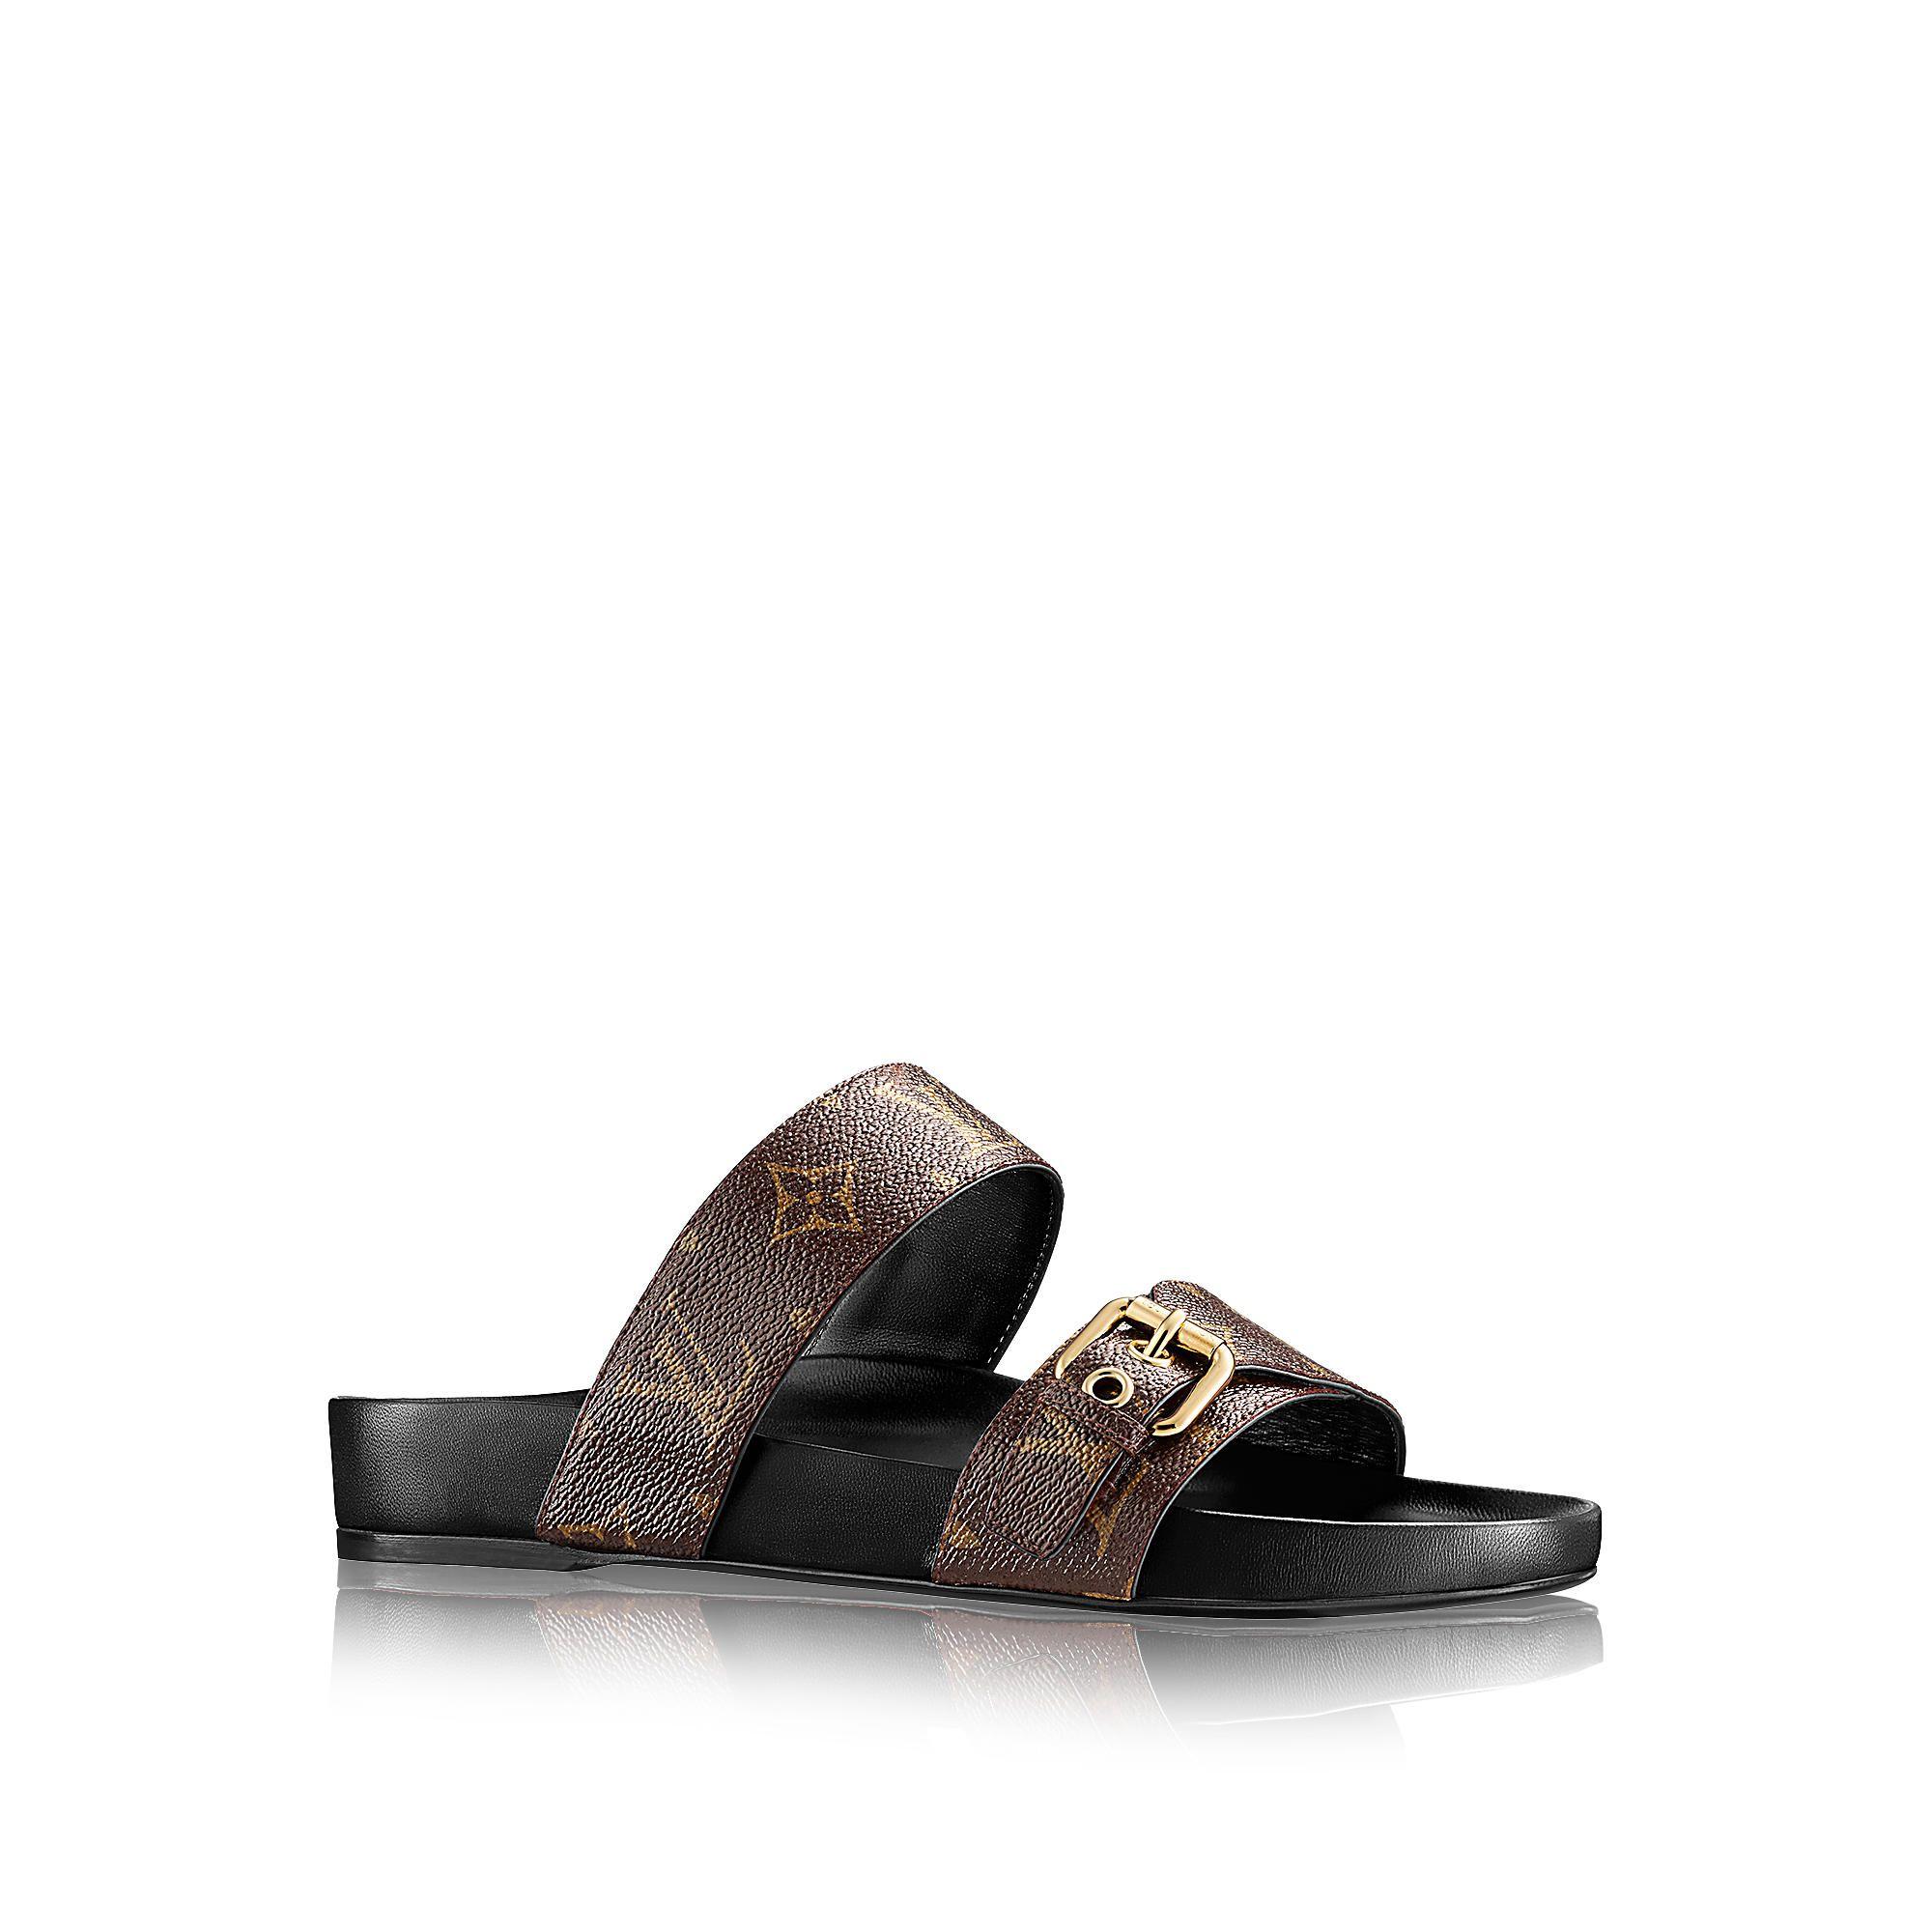 Discover Louis Vuitton Bom Dia Mule via Louis Vuitton · Mules ShoesWomen's  ...